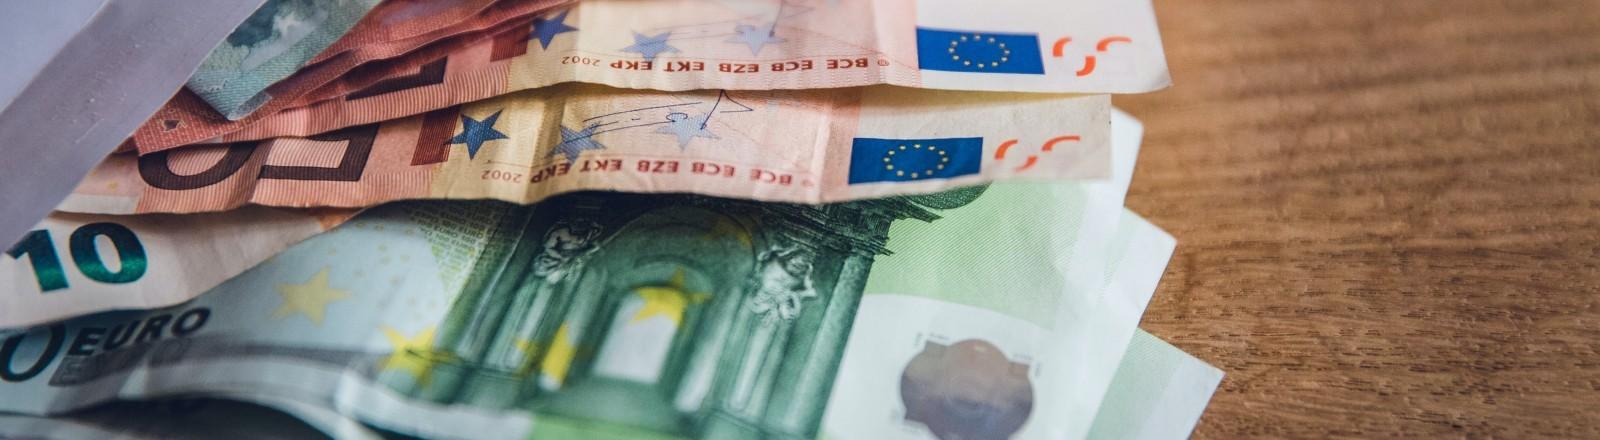 Mehrere Euroscheine liegen in einem Briefumschlag.